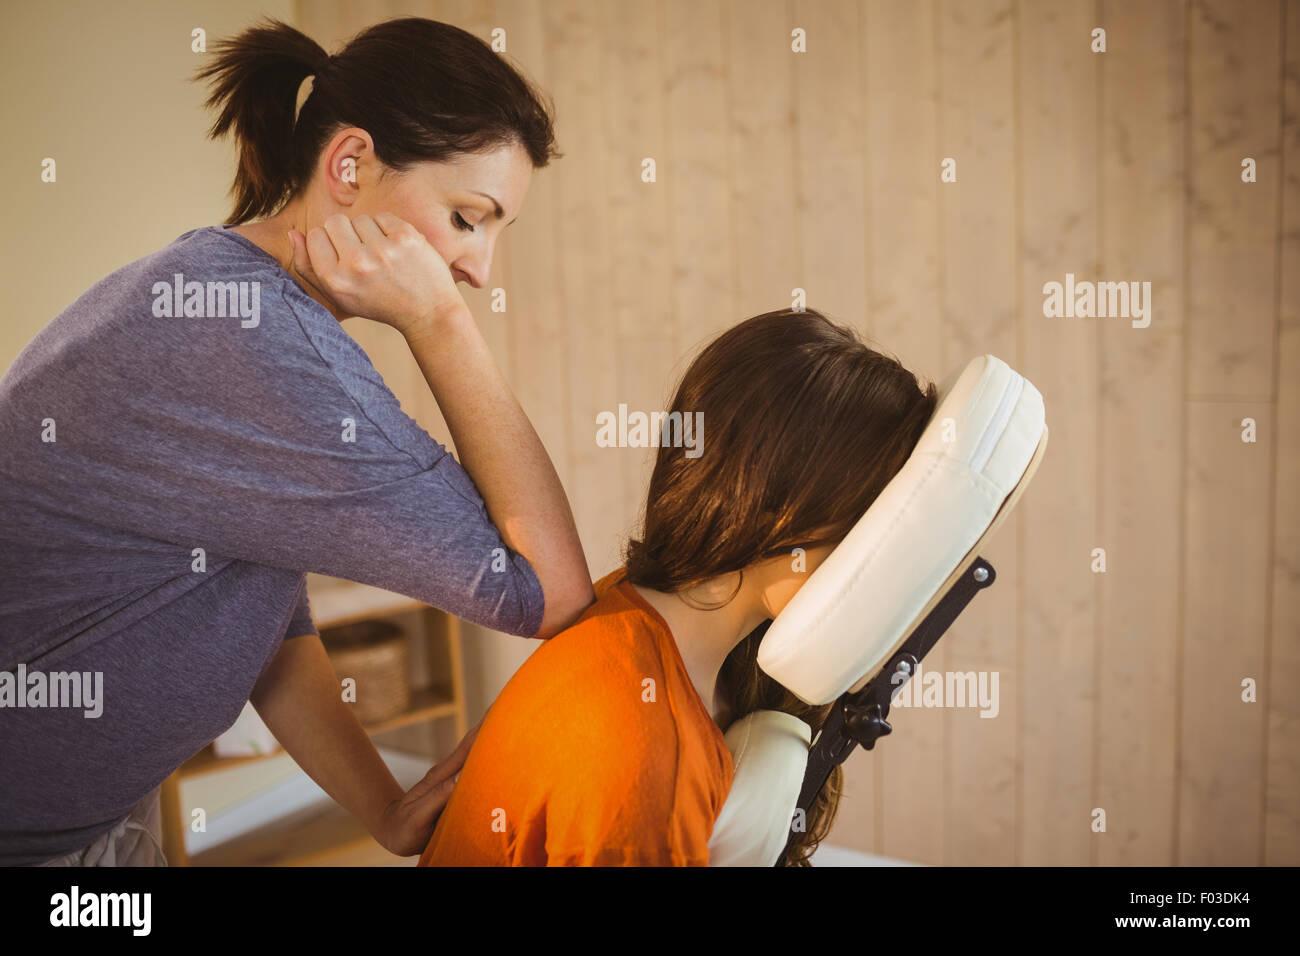 Junge Frau, die erste Massage Stuhl Stockbild